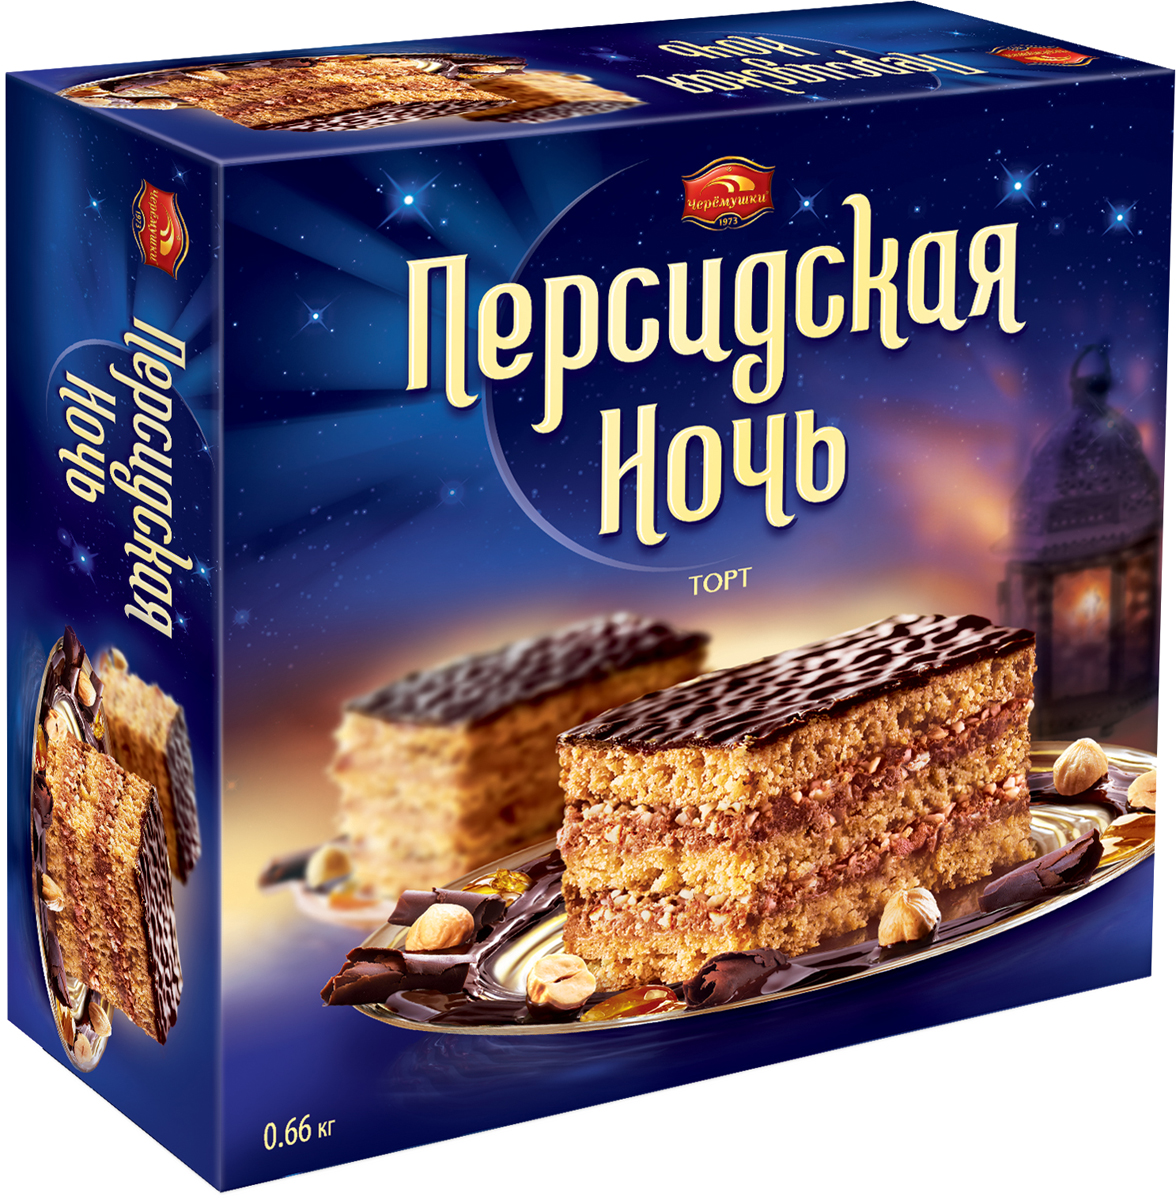 Черемушки Персидская ночь торт песочный, 660 г хлебная смесь хлеб с лесными орехами